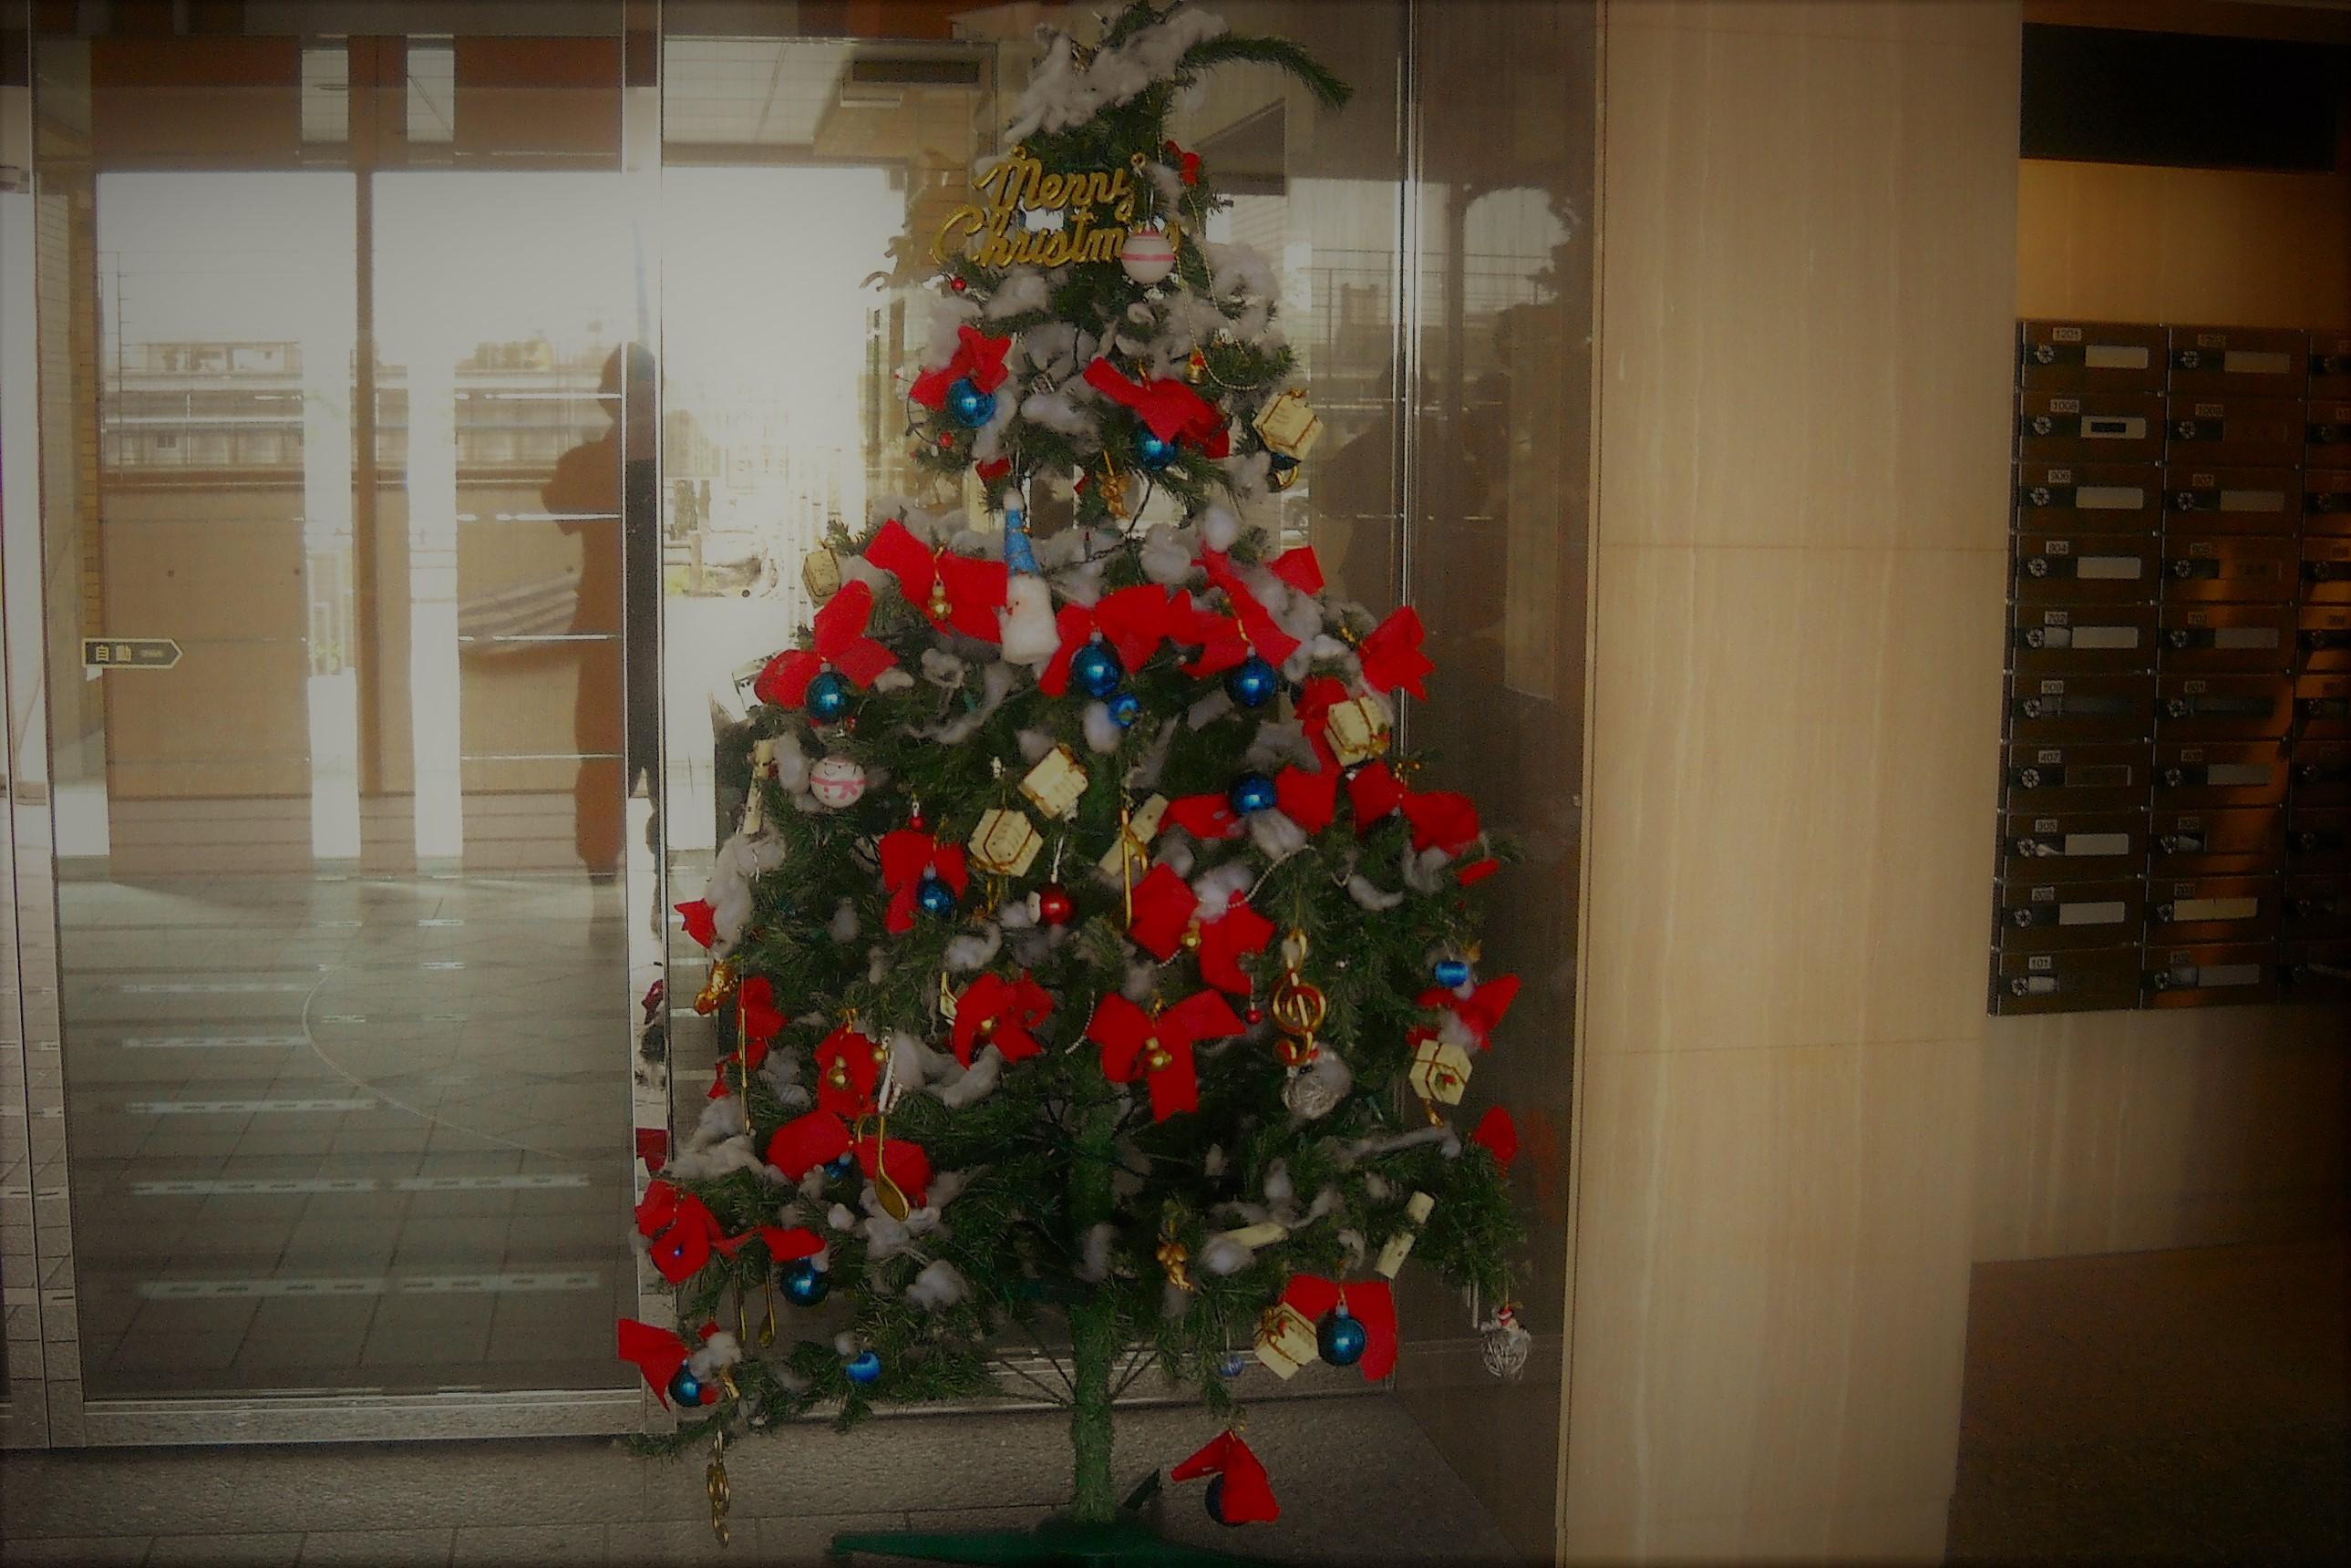 クリスマスツリーと人影